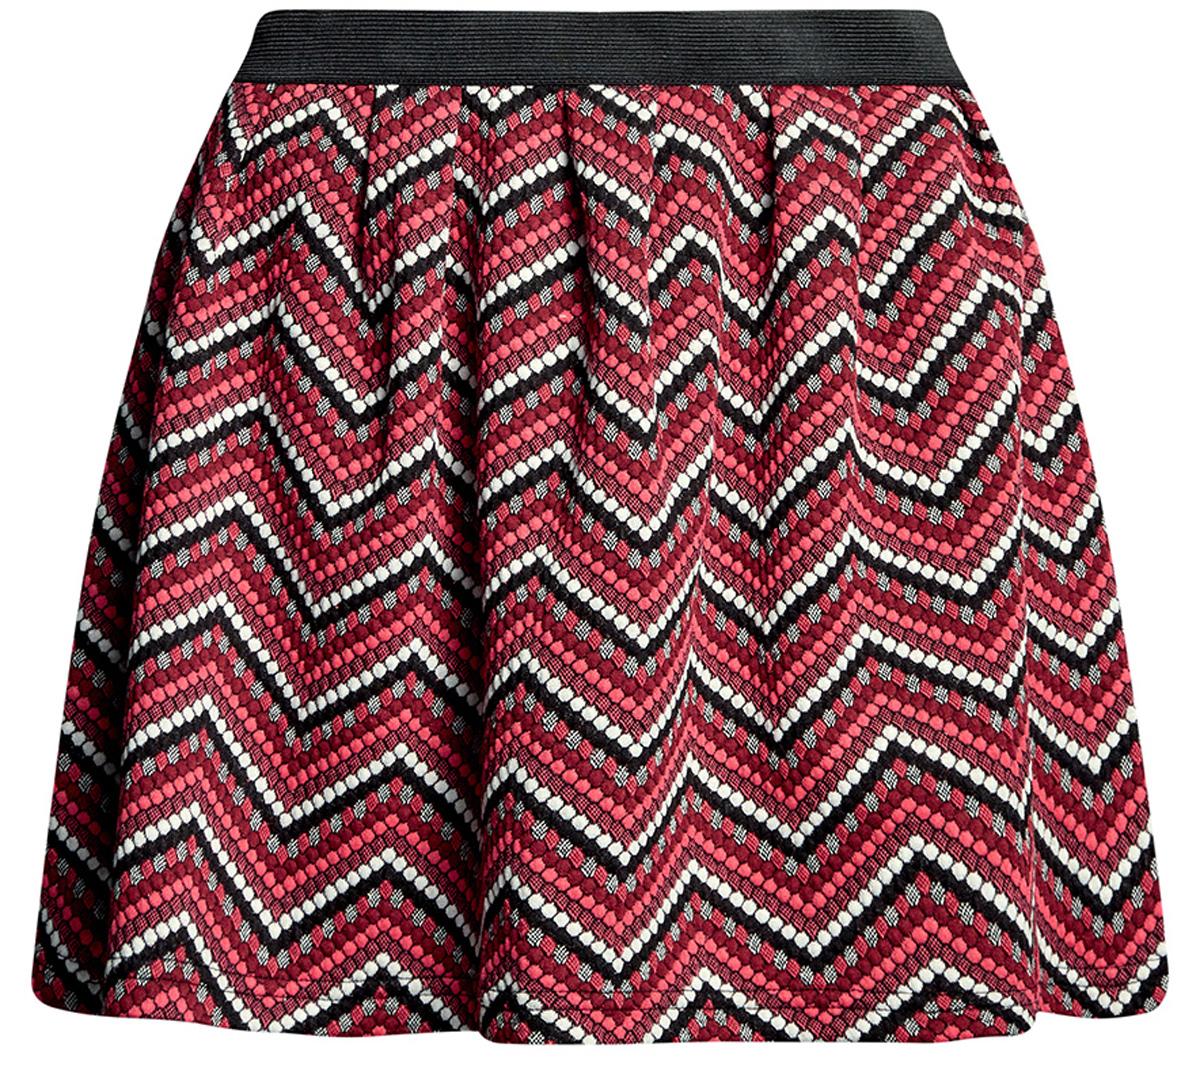 Юбка oodji Ultra, цвет: черный, ярко-розовый. 14100019-4/46478/294DS. Размер XS (42)14100019-4/46478/294DSРасклешенная мини-юбка выполнена из фактурной ткани. Сзади юбка застегивается на металлическую застежку-молнию.